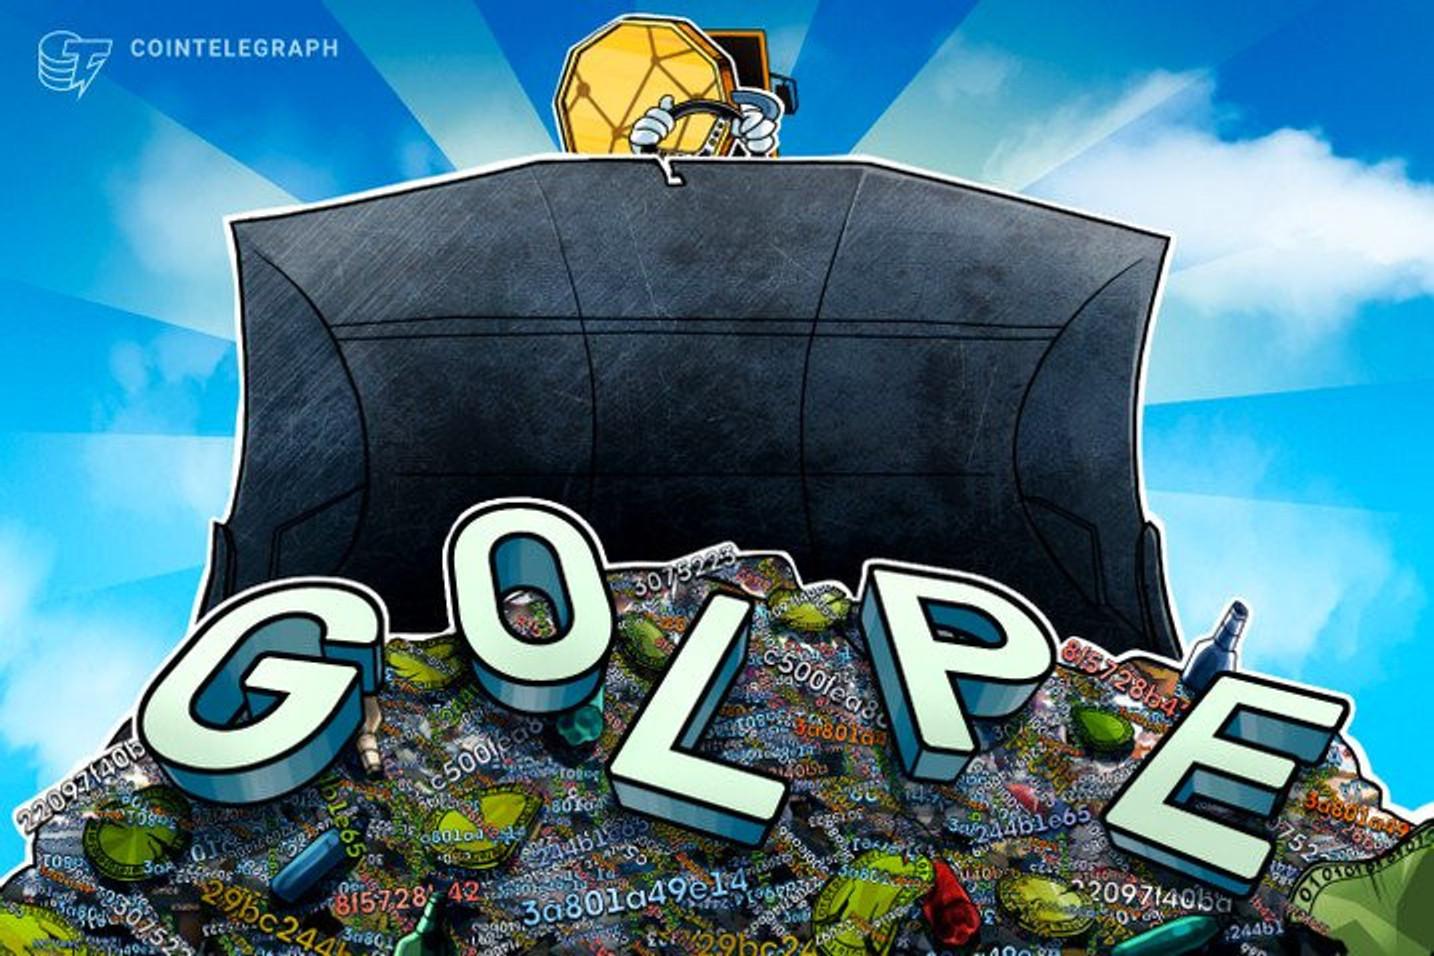 Pirâmide financeira conhecida como 'Giro Solidário' é divulgada em grupos de WhatsApp prometendo 700% de lucro